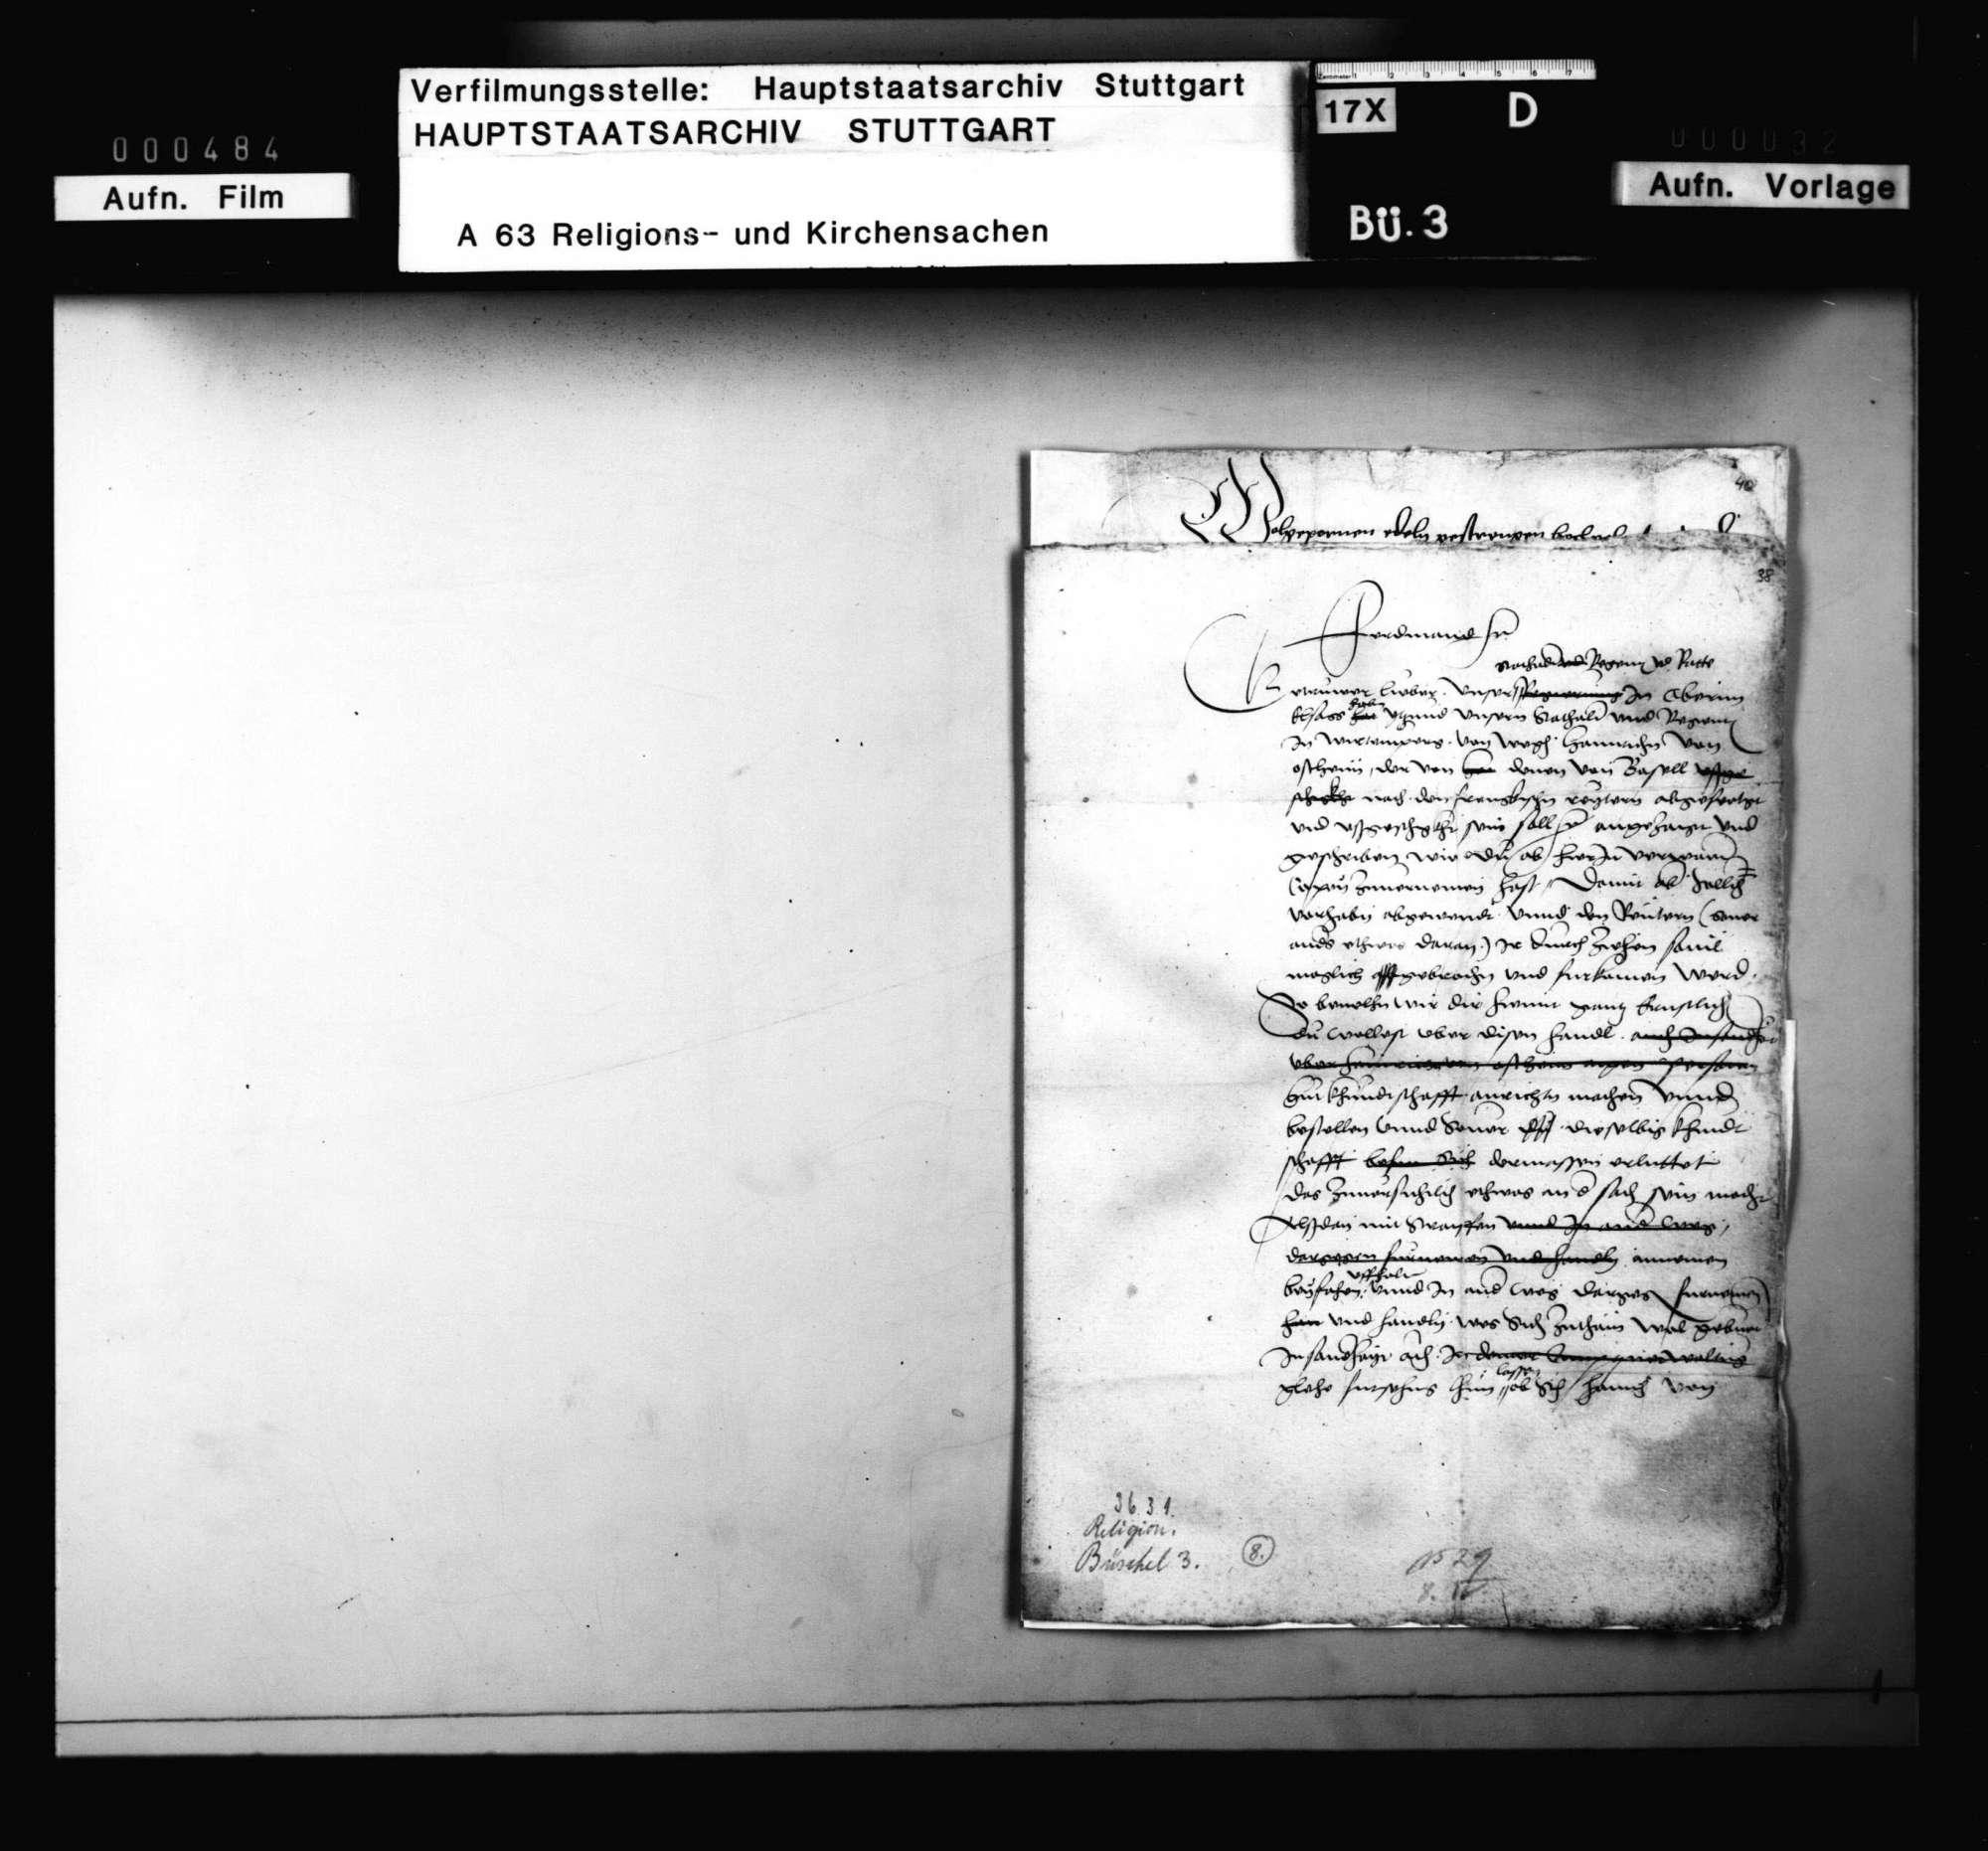 Schreiben des kaiserlichen Statthalters im Oberelsaß an den Statthalter in Württemberg, Bild 1